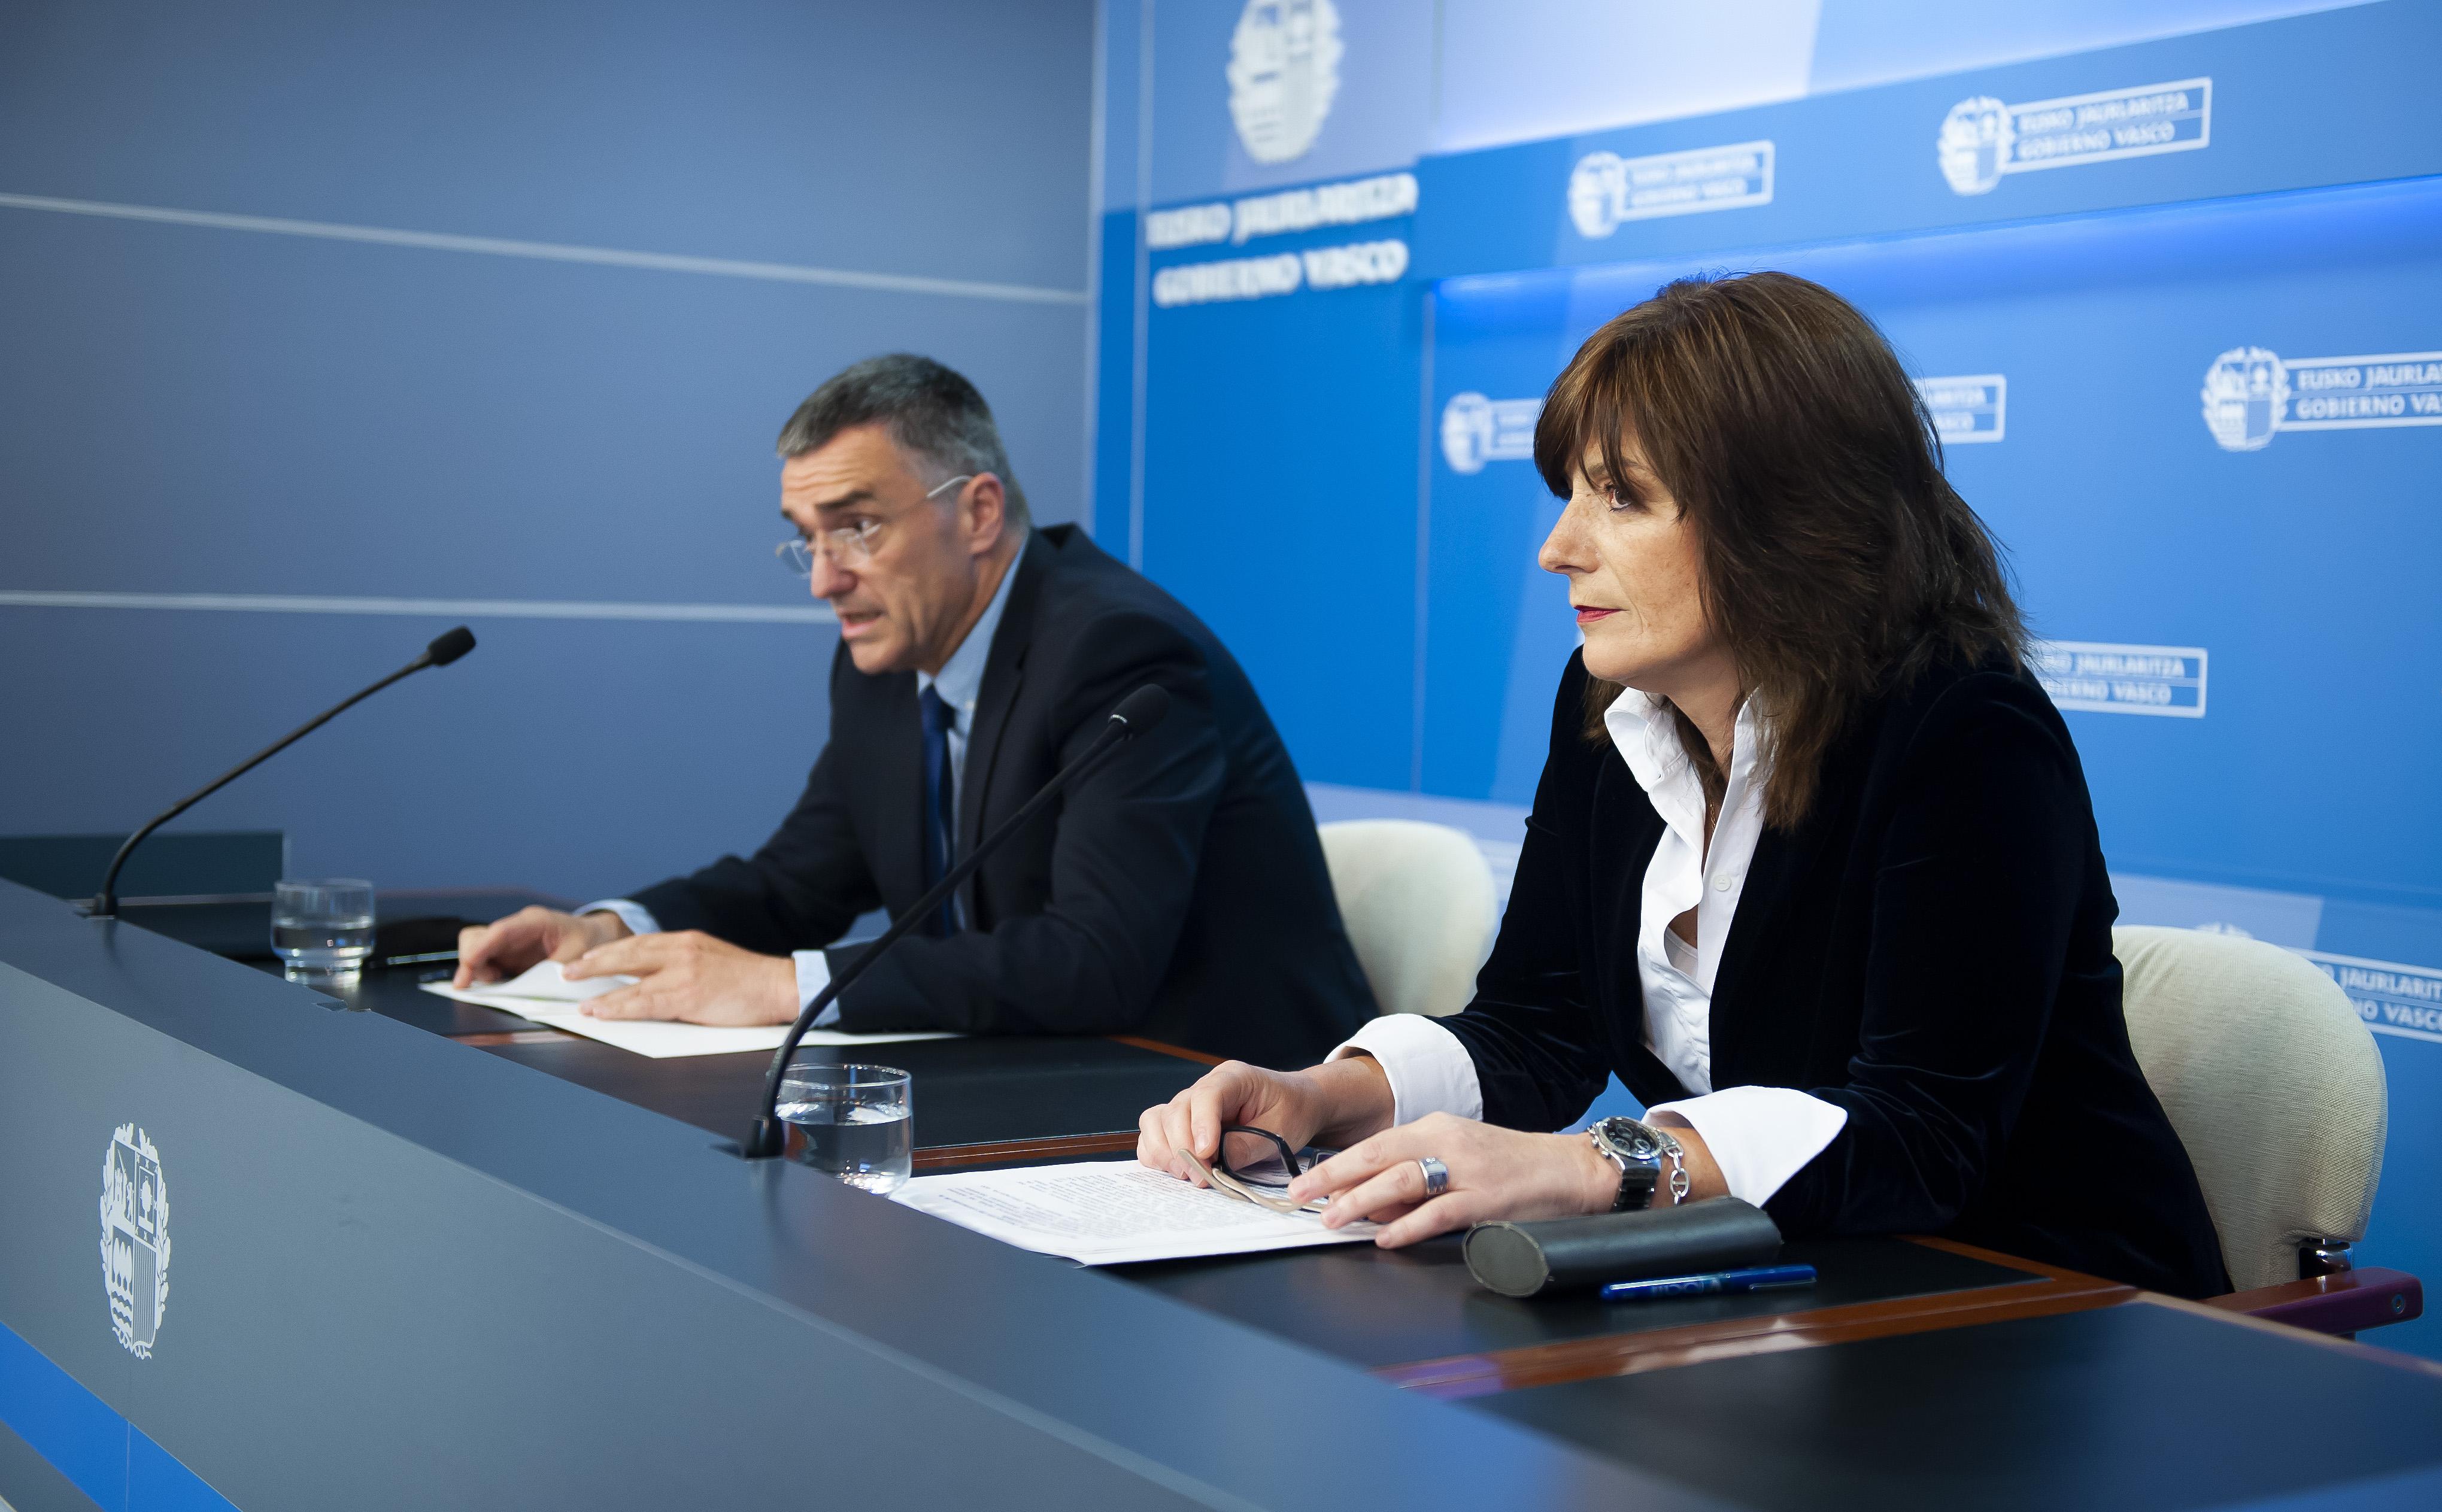 Gobiernos subestatales europeos presentan  de modo simultáneo la Propuesta Share para  responder colaborativamente al reto migratorio